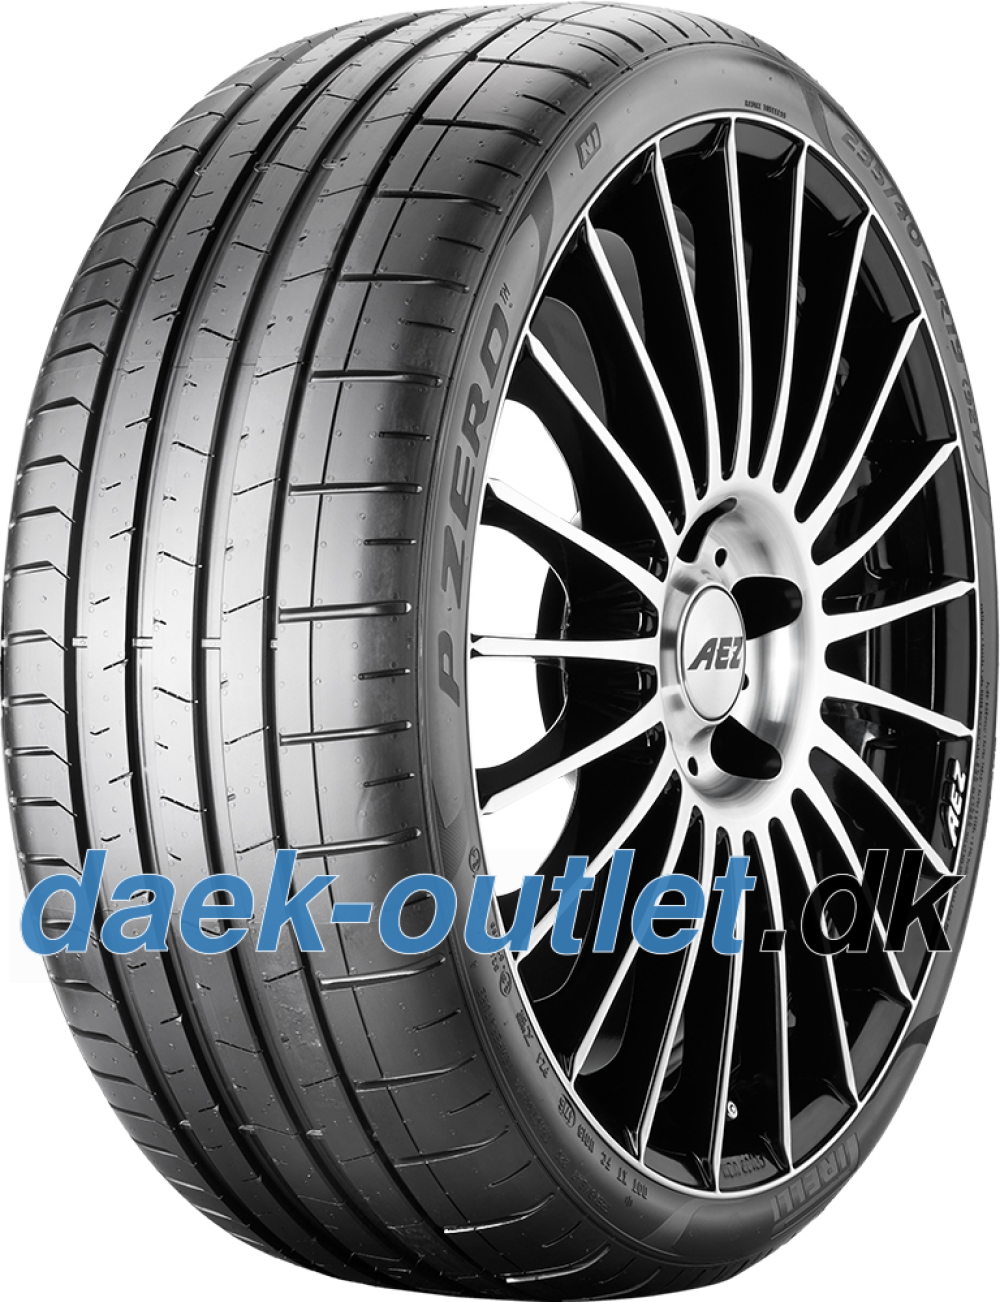 Pirelli P Zero SC ( 255/30 R19 91Y XL PNCS, RO2 )